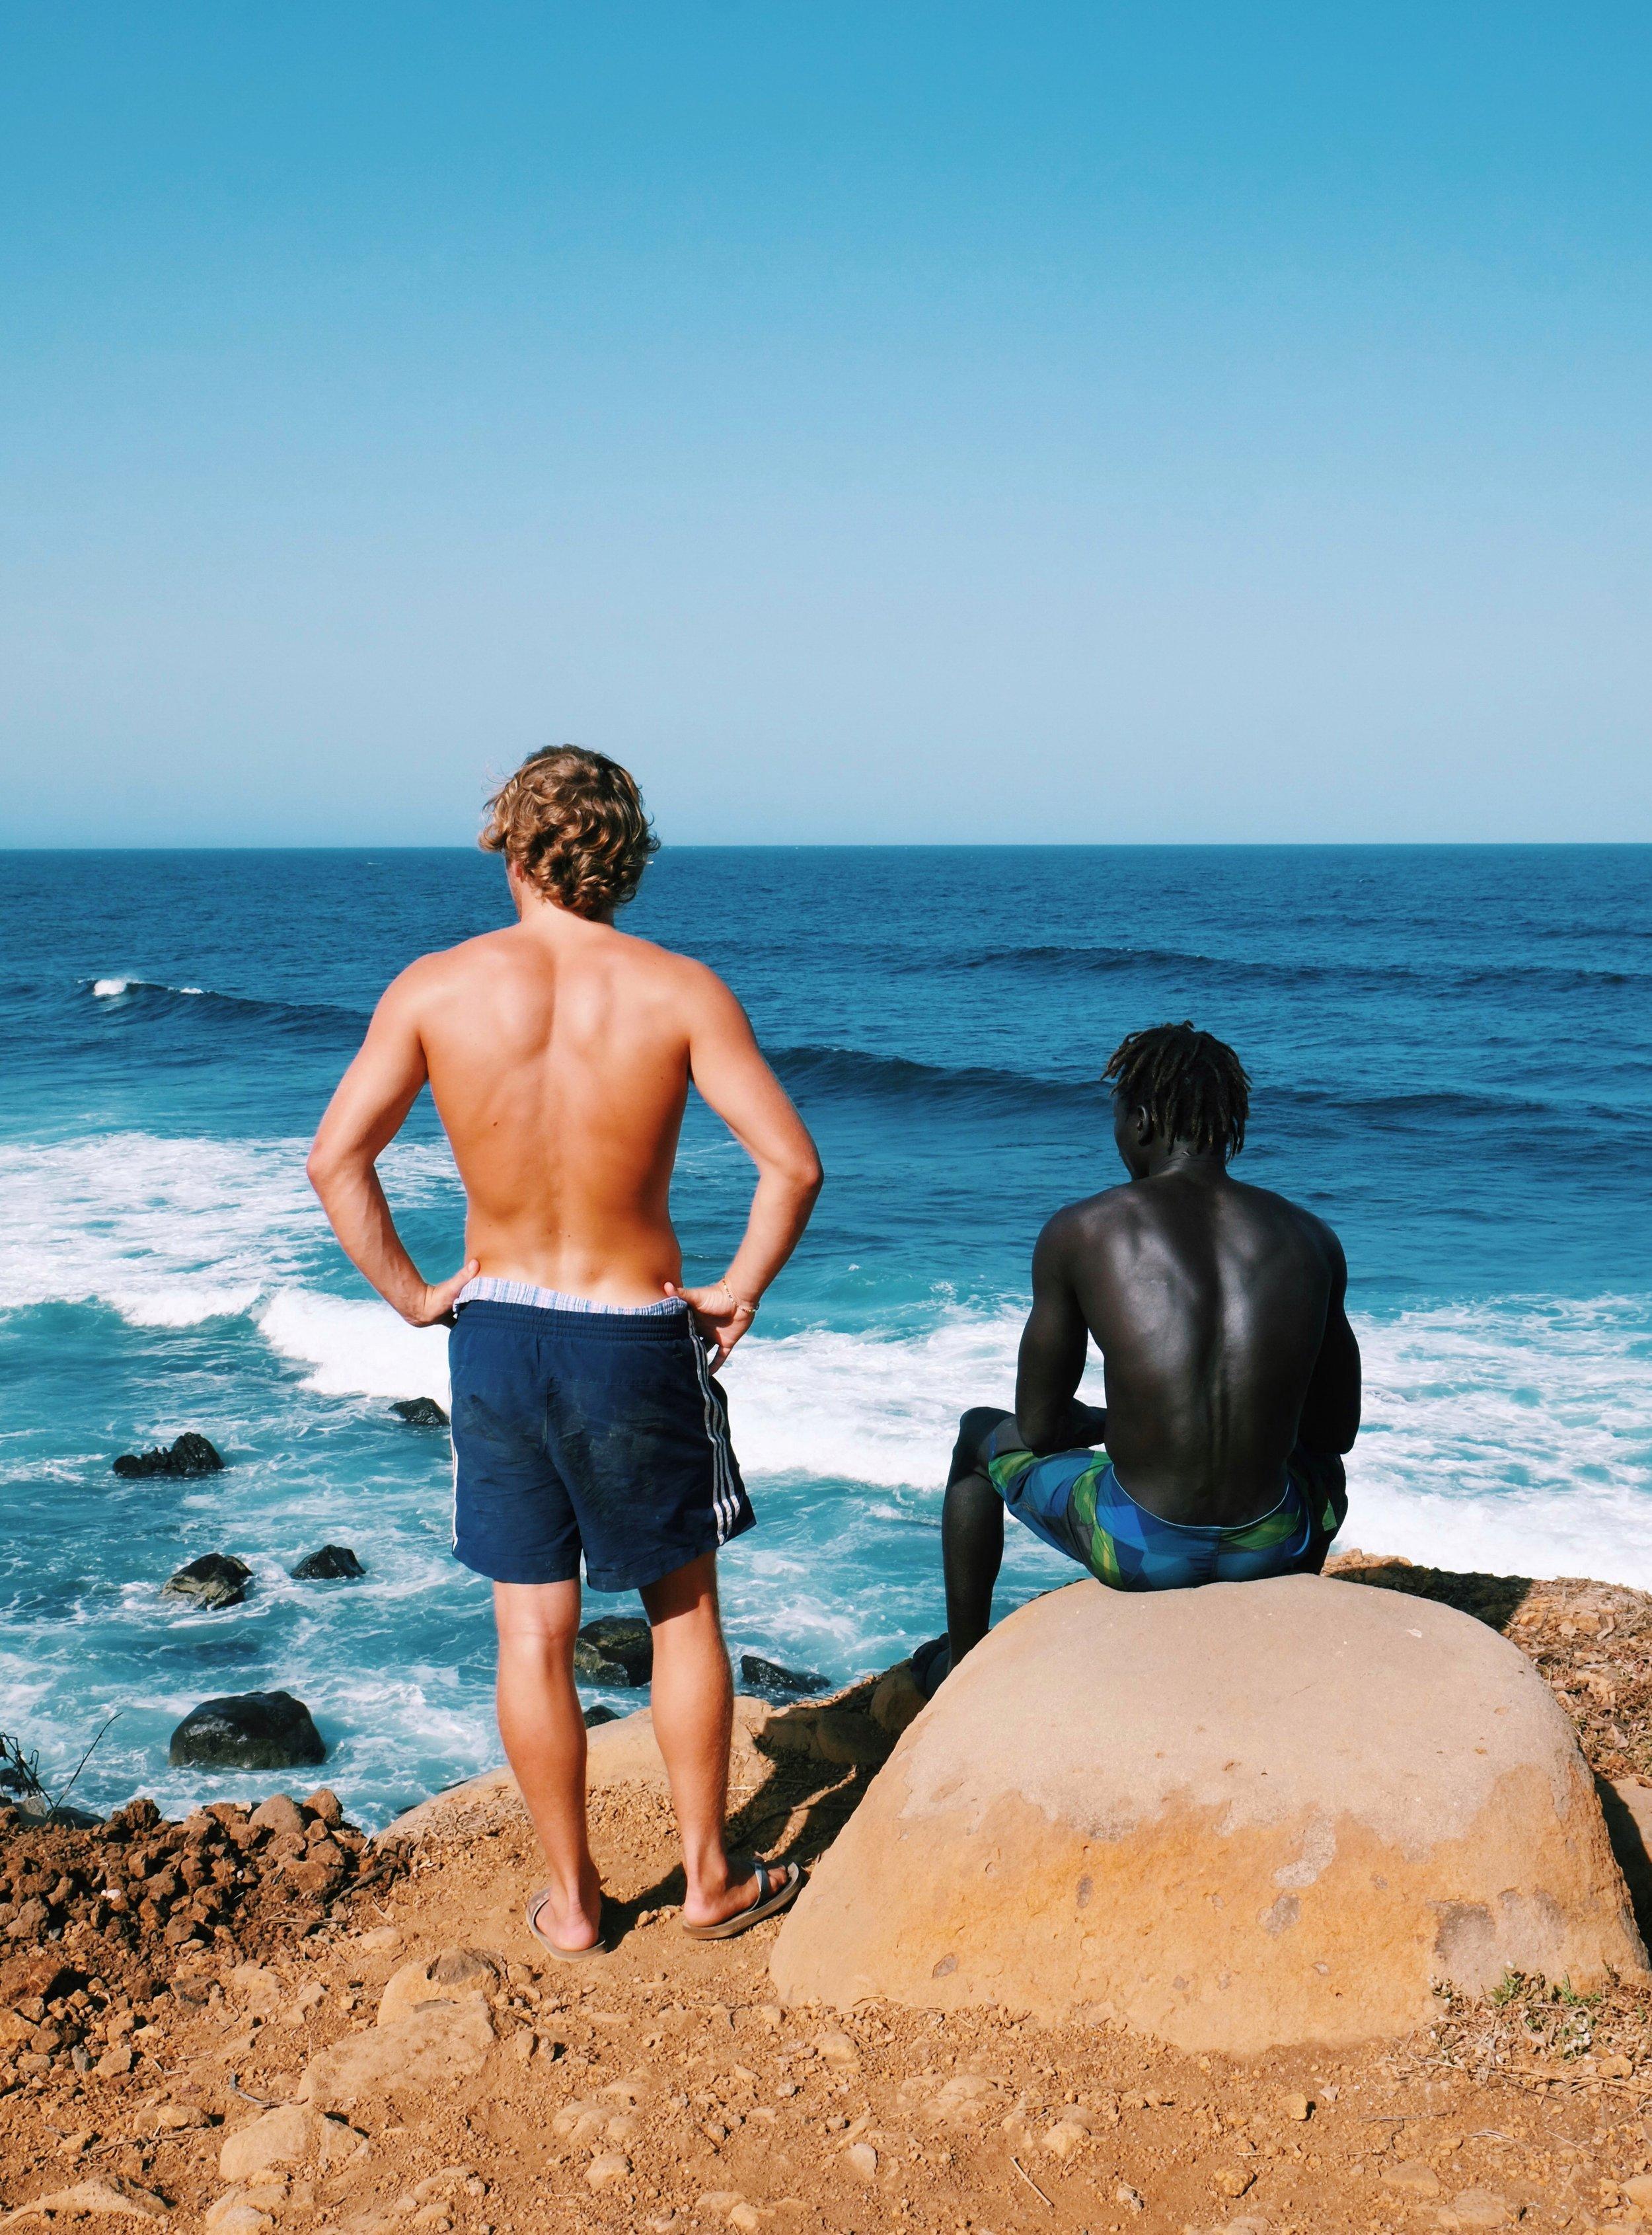 Ile de Ngor surfers in Senegal by Joost Bastmeijer.jpeg